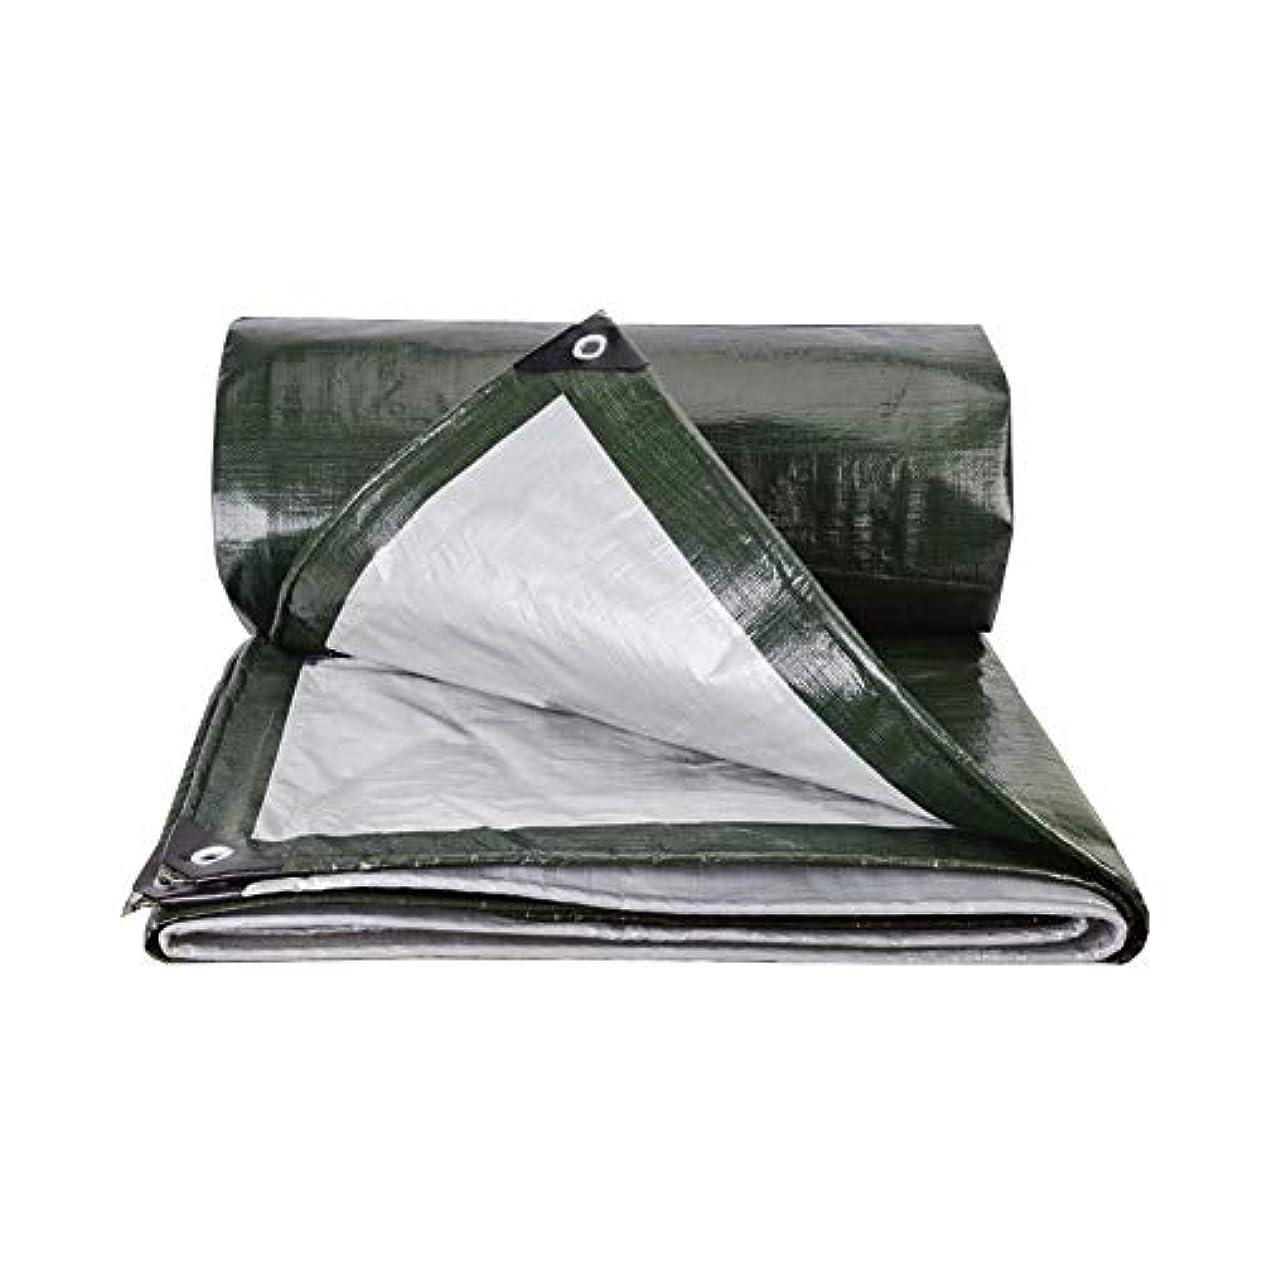 着るレジアクセル防水シートの防水頑丈な防水シート、型抵抗力があるPEのグロメットのキャンプテント FENGMIMG (色 : 濃い緑色, サイズ さいず : 2×3m)